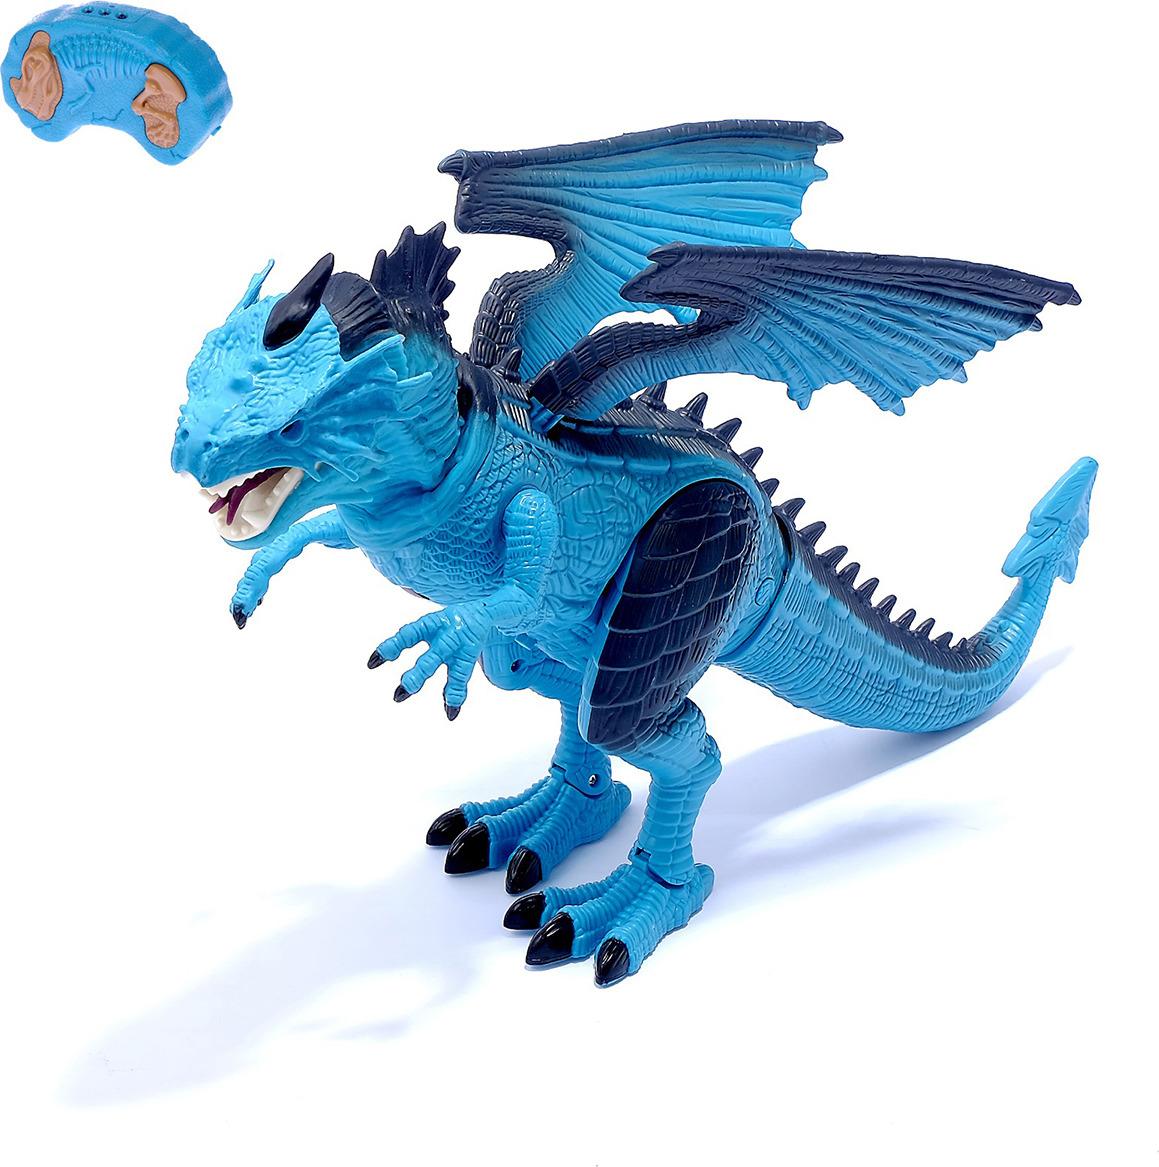 Игрушка радиоуправляемая Дракон, 3305997 радиоуправляемая игрушка airhogs вертолёт с камерой черный